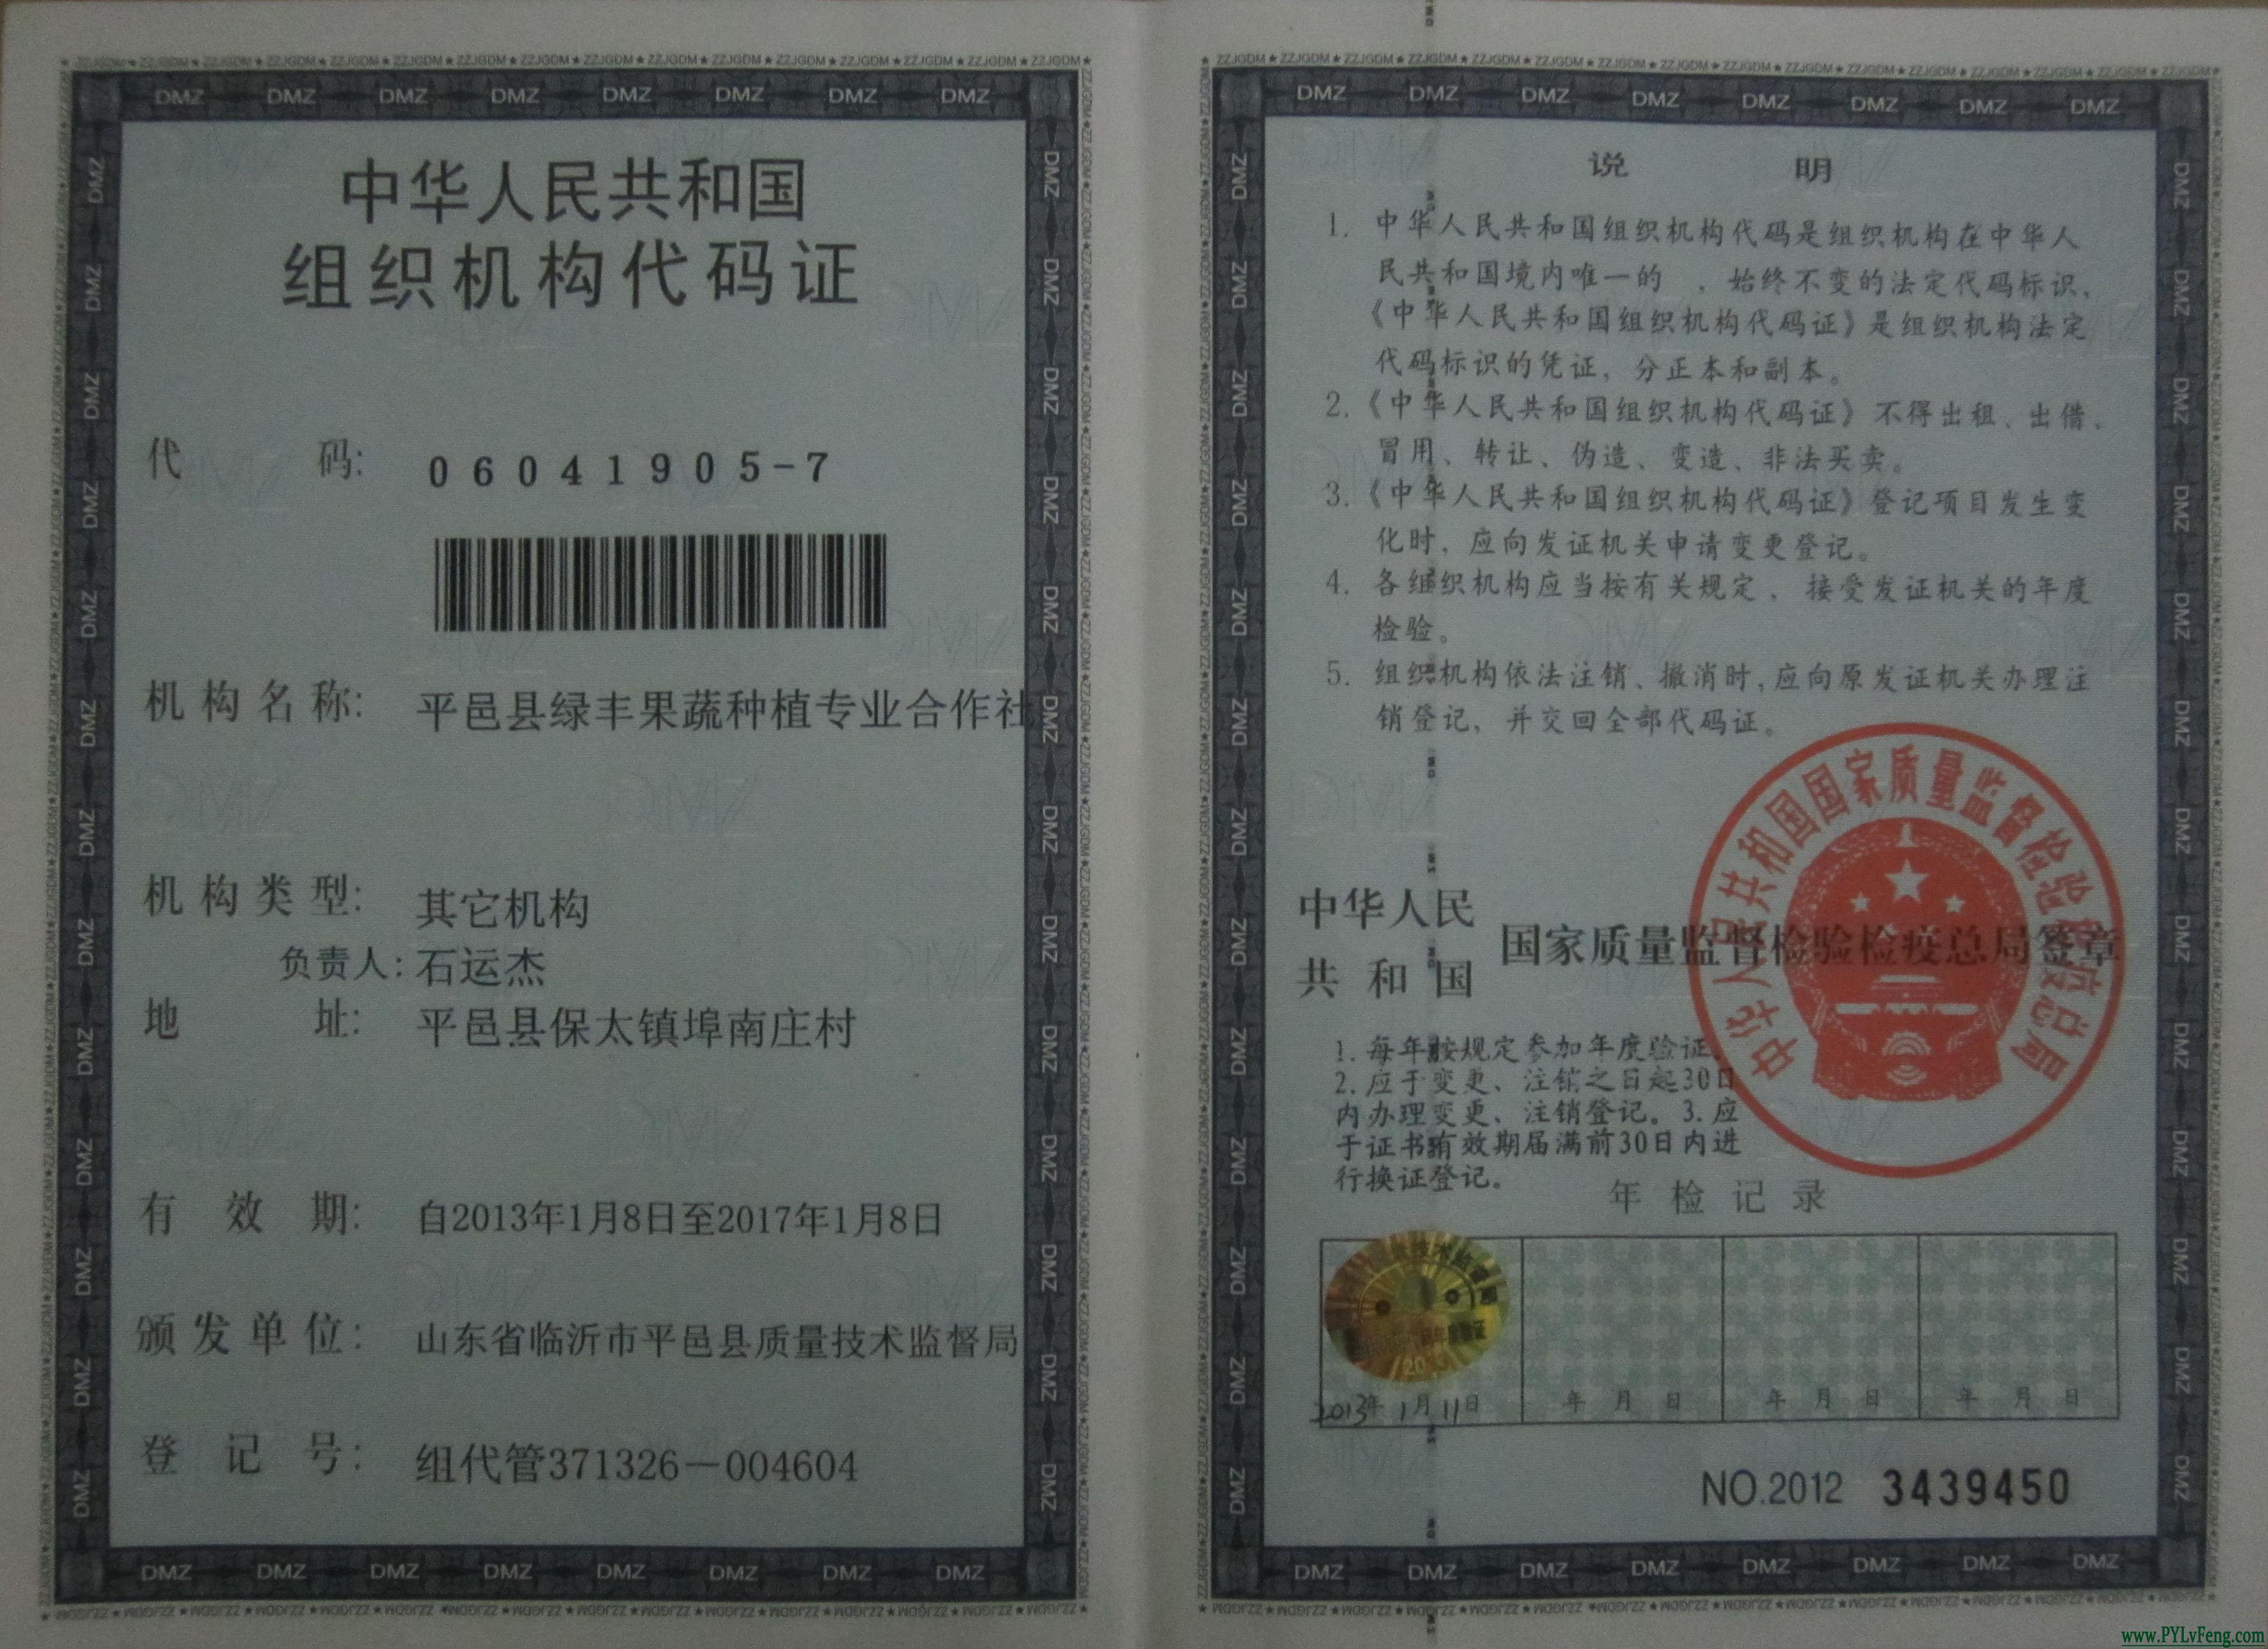 绿丰合作社机构代码证